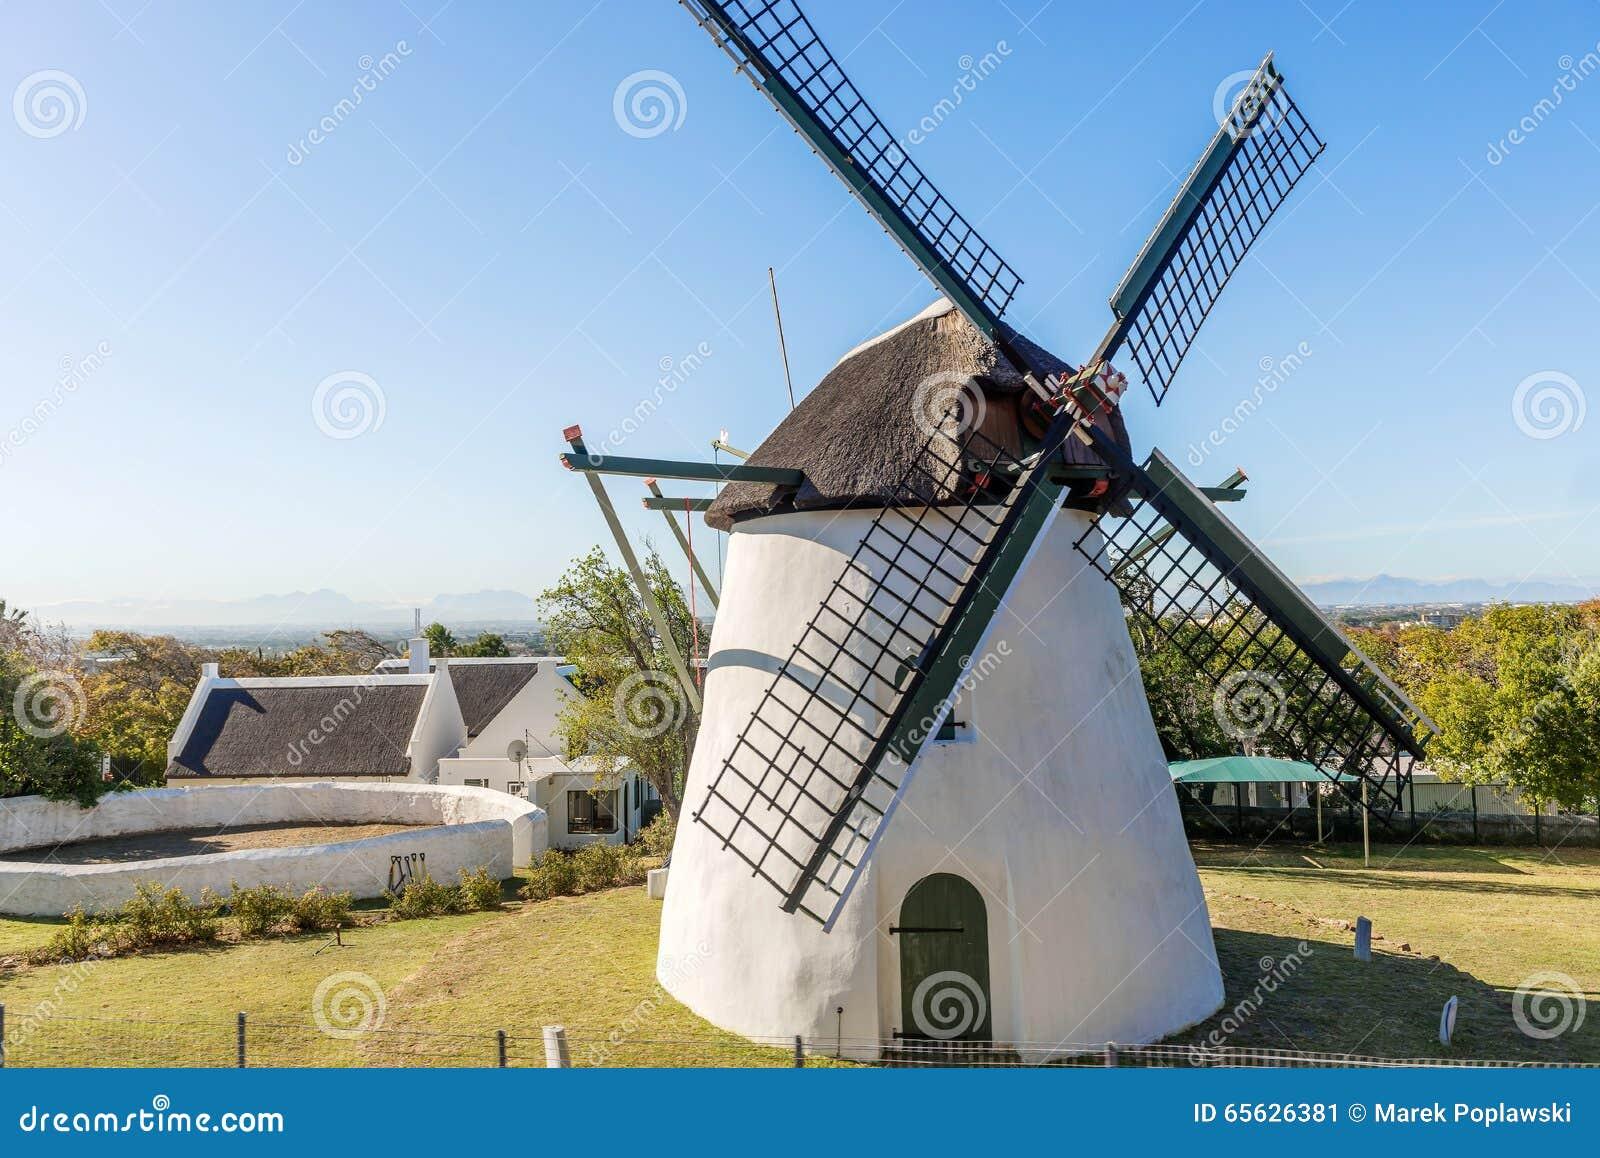 Le moulin de Mostert dans Mowbray, Afrique du Sud